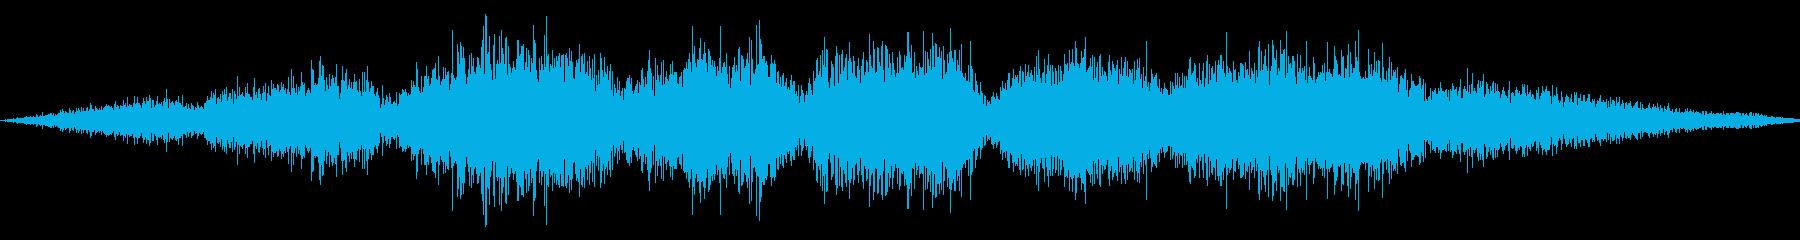 ゴシゴシ(たわしやモップで掃除する音)2の再生済みの波形